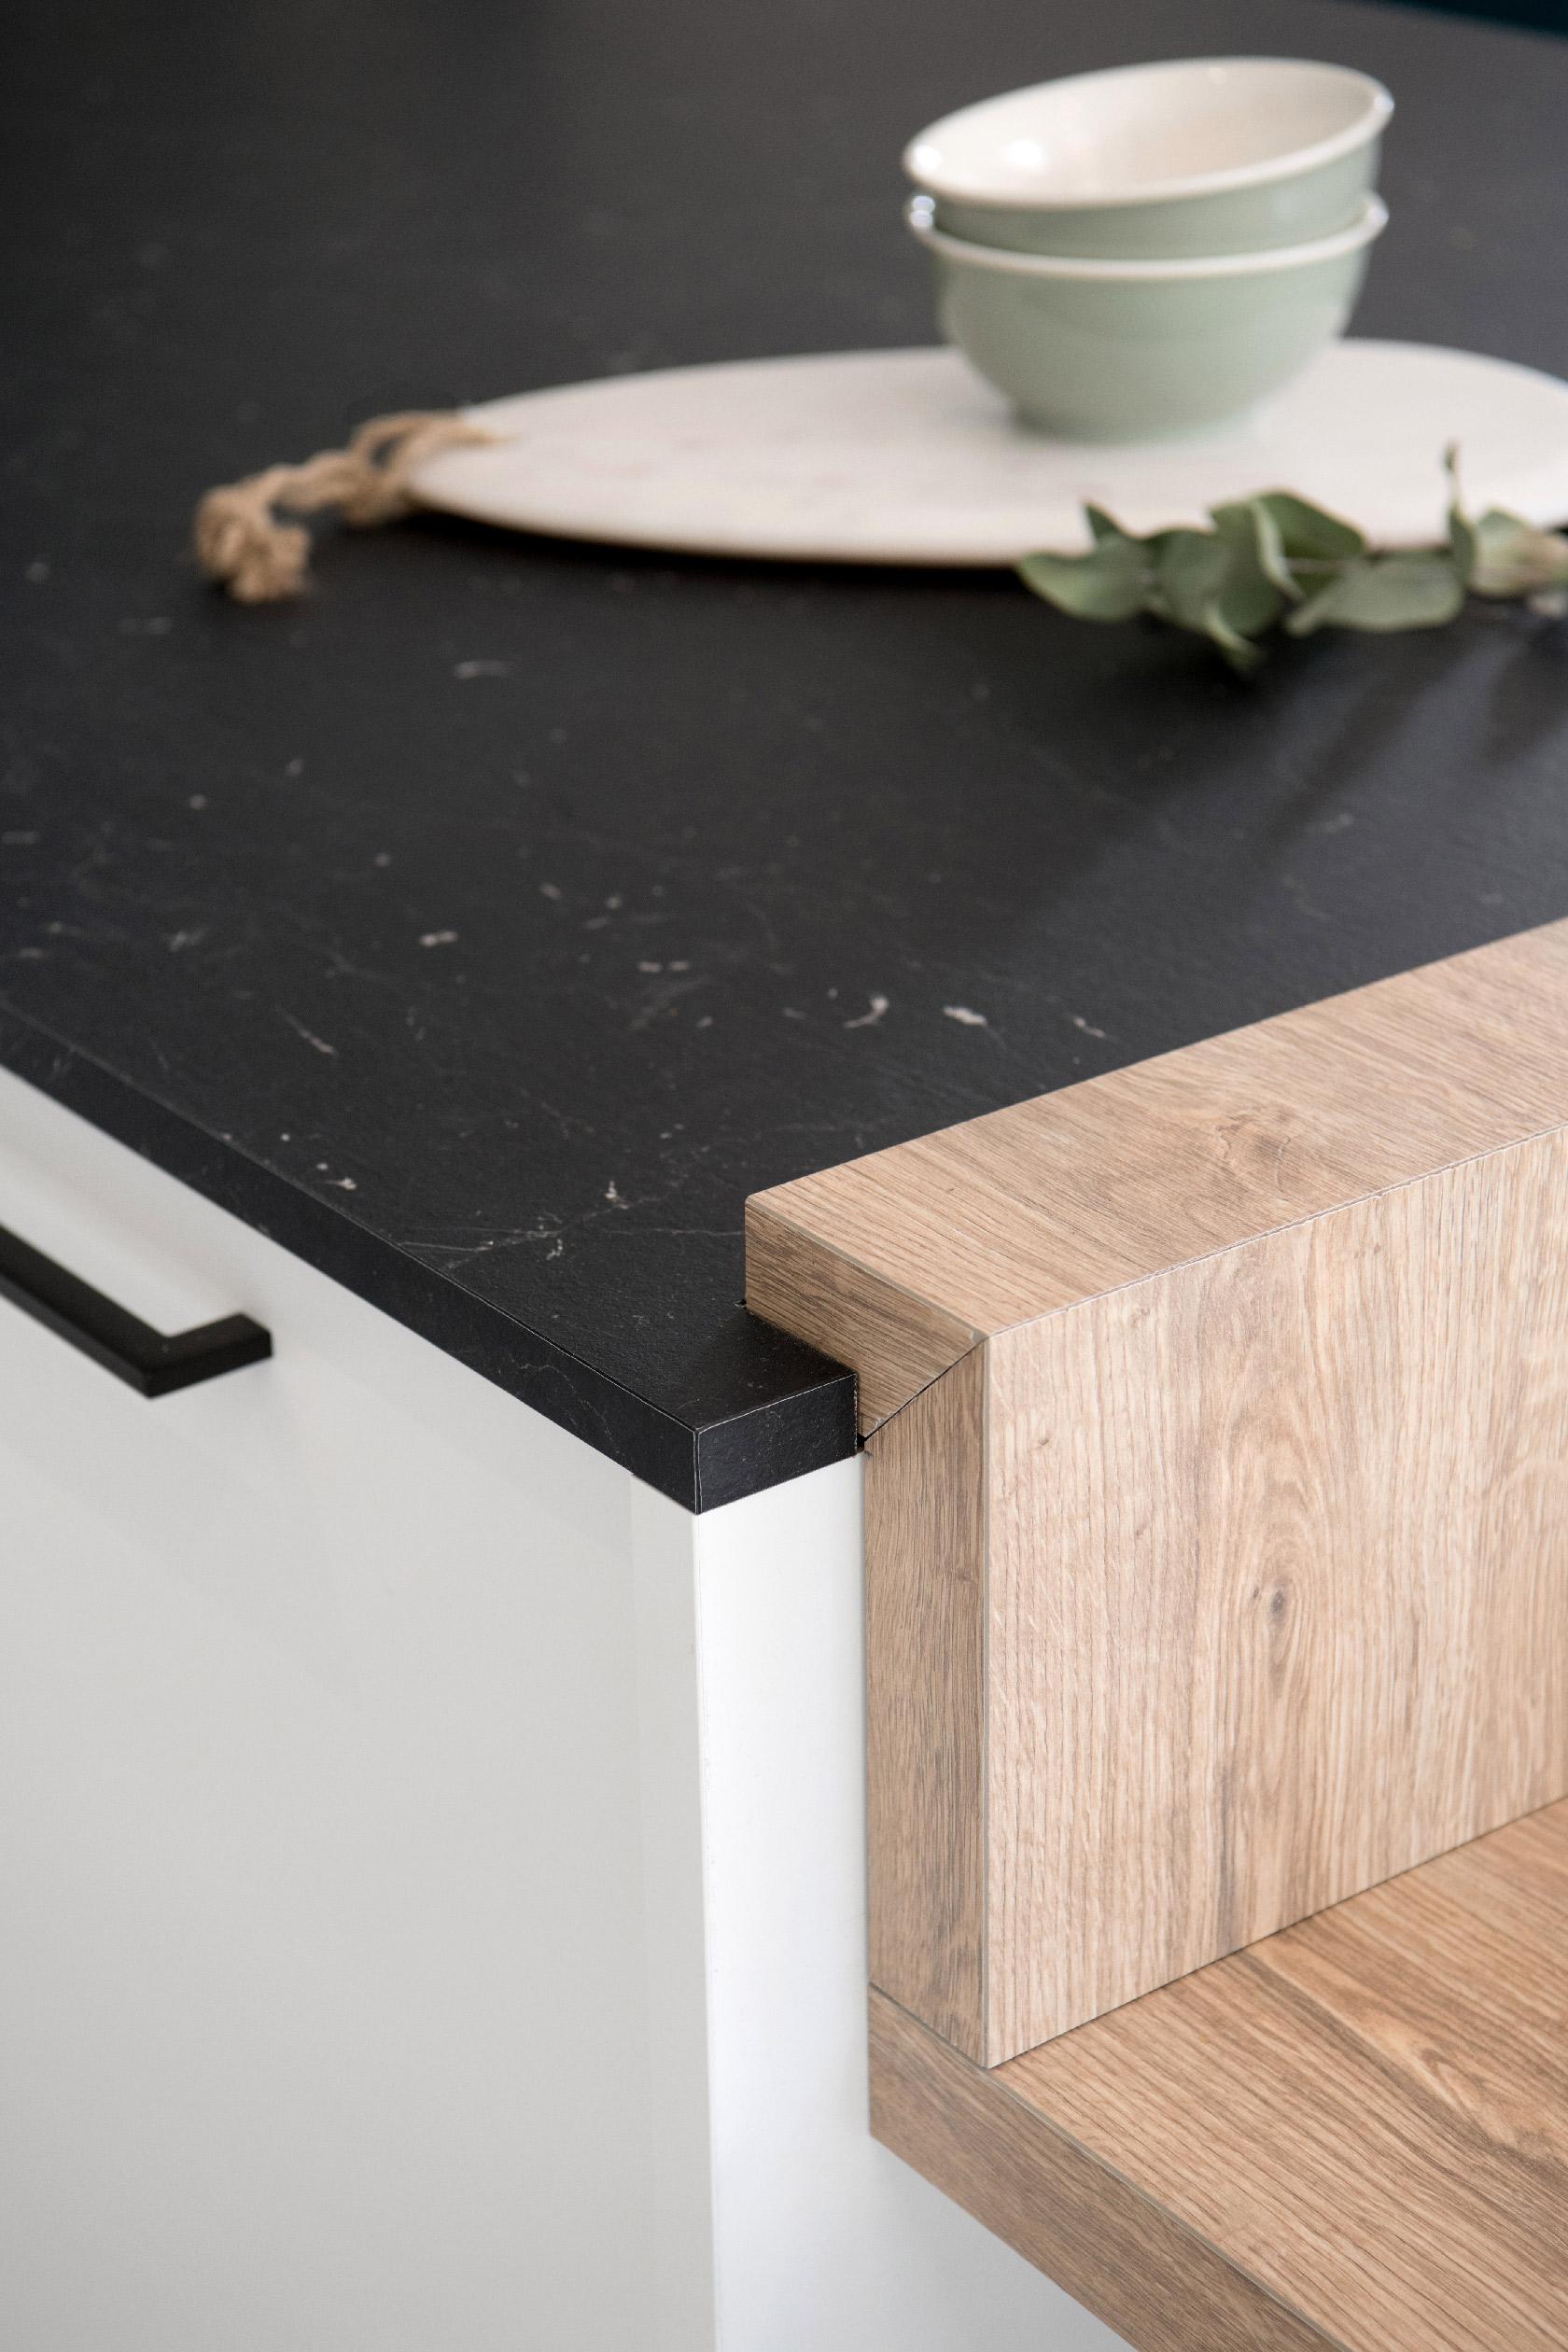 Détail d'un plan de travail imitant le marbre noir et de la jointure avec la table.